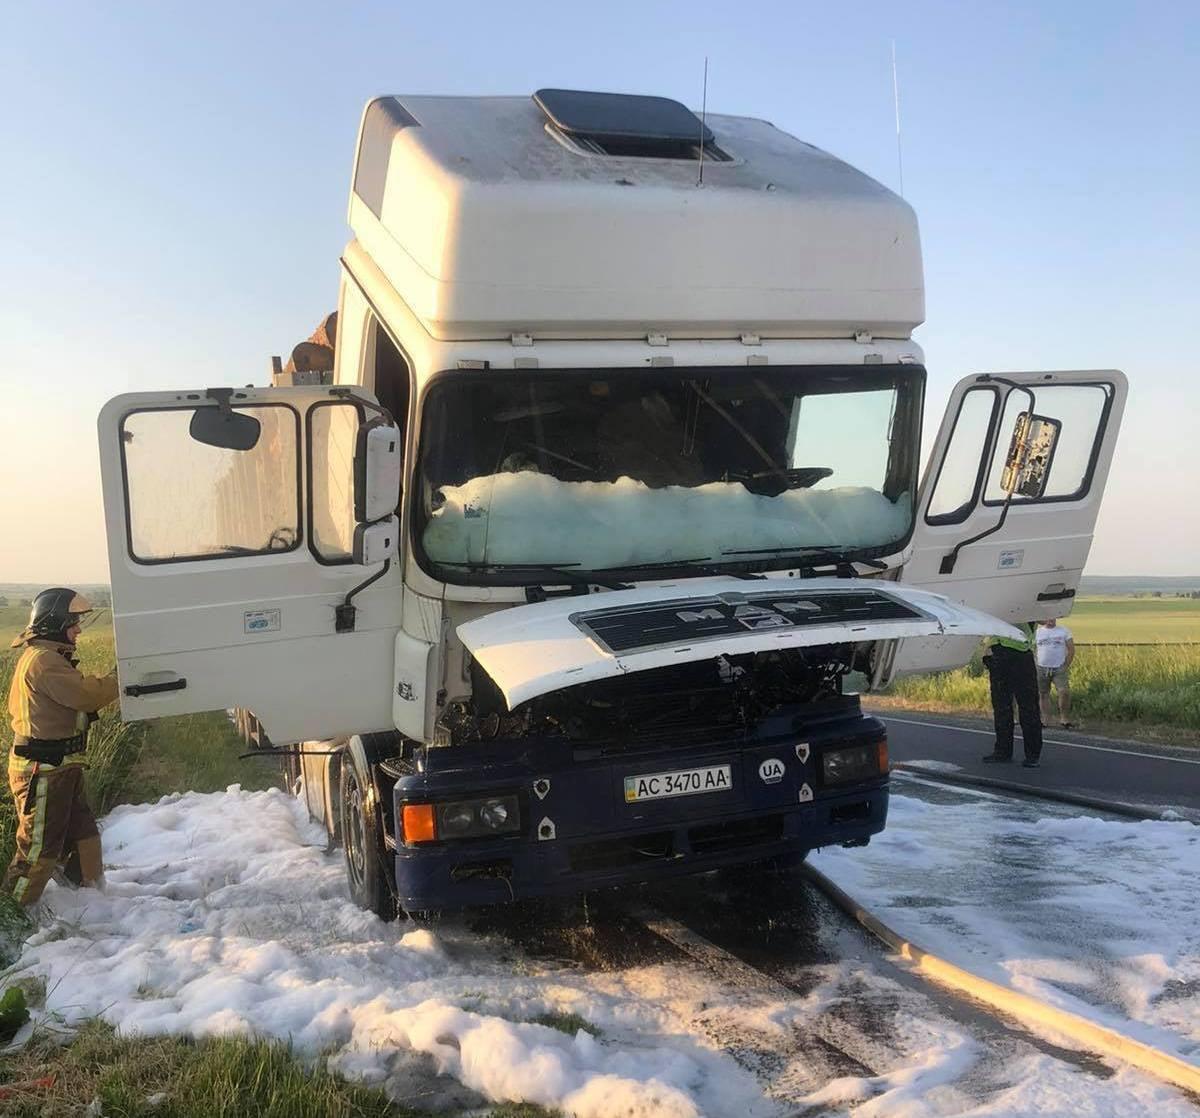 Червоноградський район: вогонь ледь не знищив вантажний автомобіль «MAN»